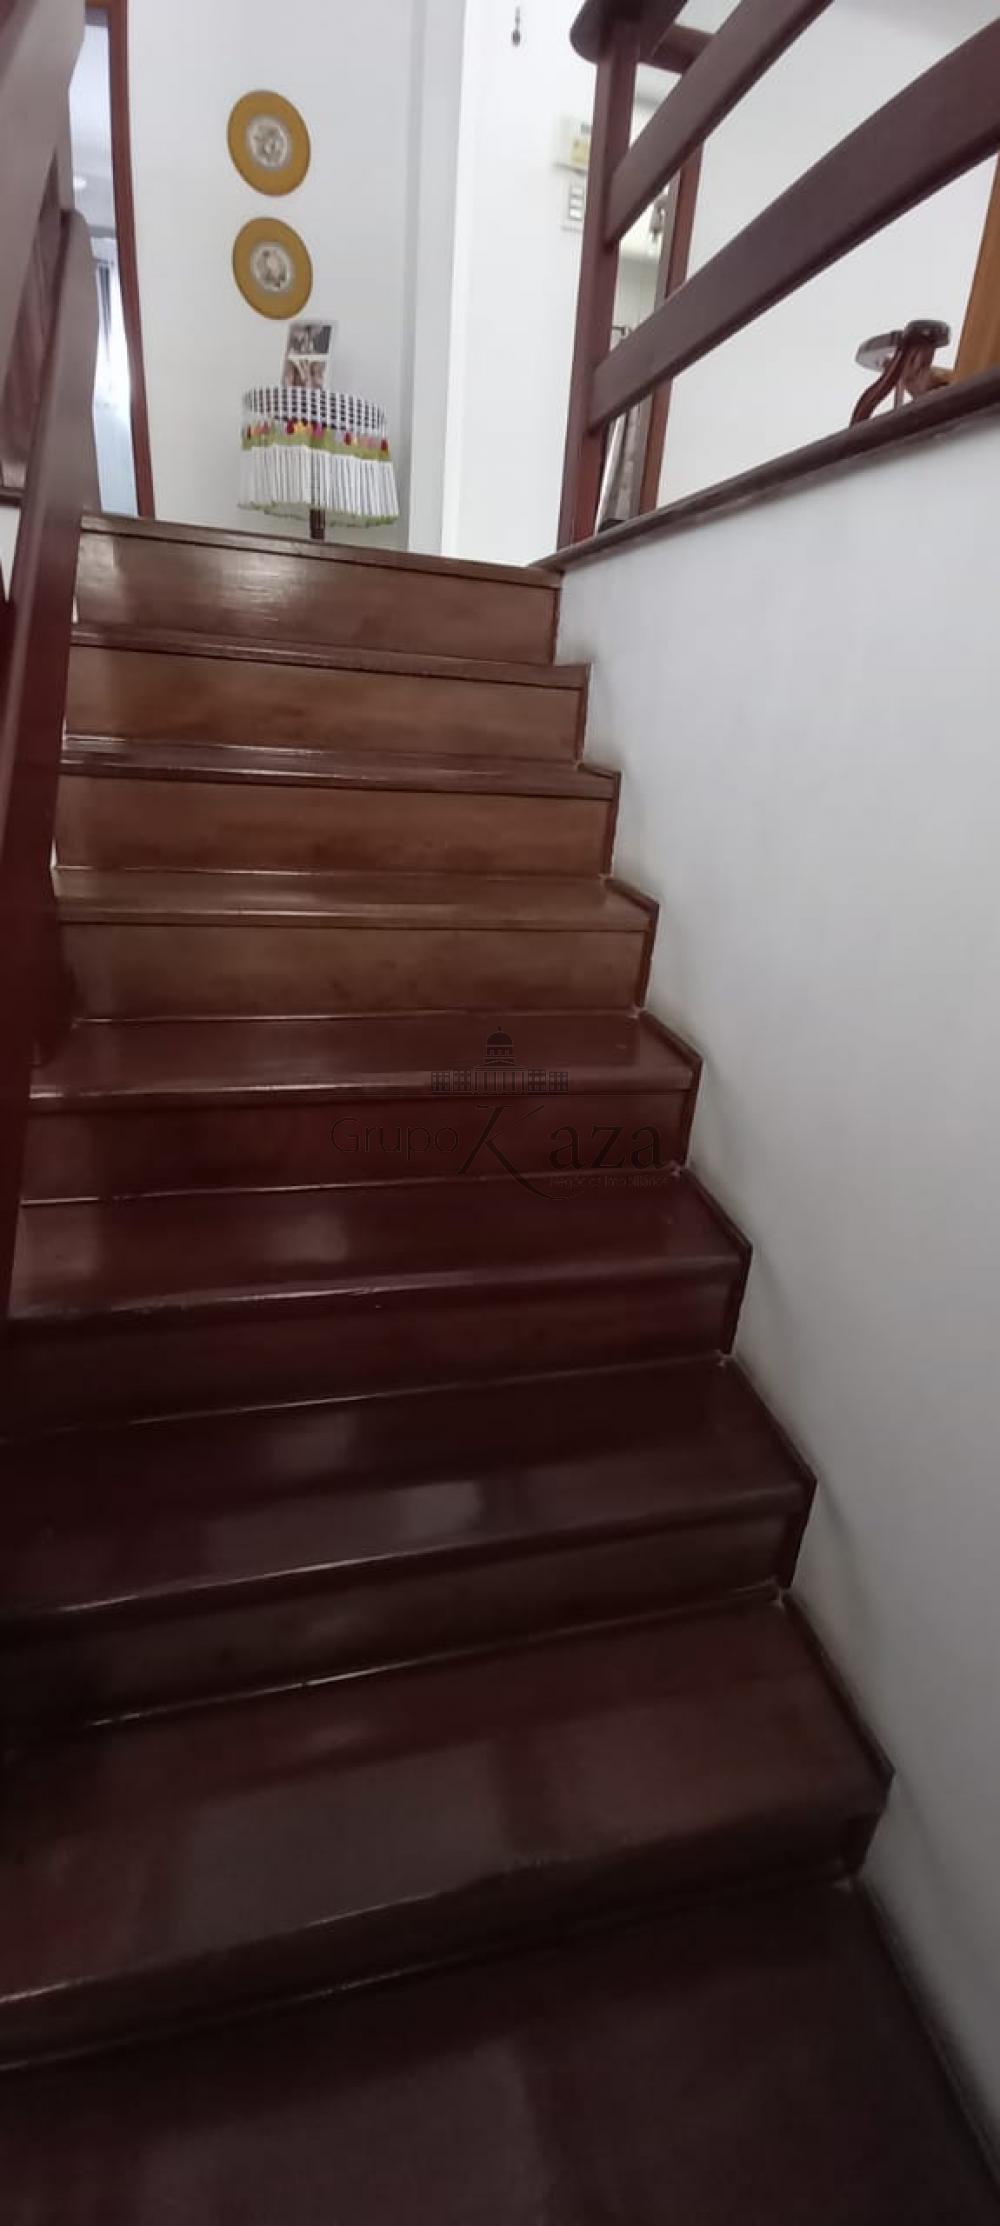 alt='Comprar Casa / Comercial / Residencial em São José dos Campos R$ 1.500.000,00 - Foto 10' title='Comprar Casa / Comercial / Residencial em São José dos Campos R$ 1.500.000,00 - Foto 10'